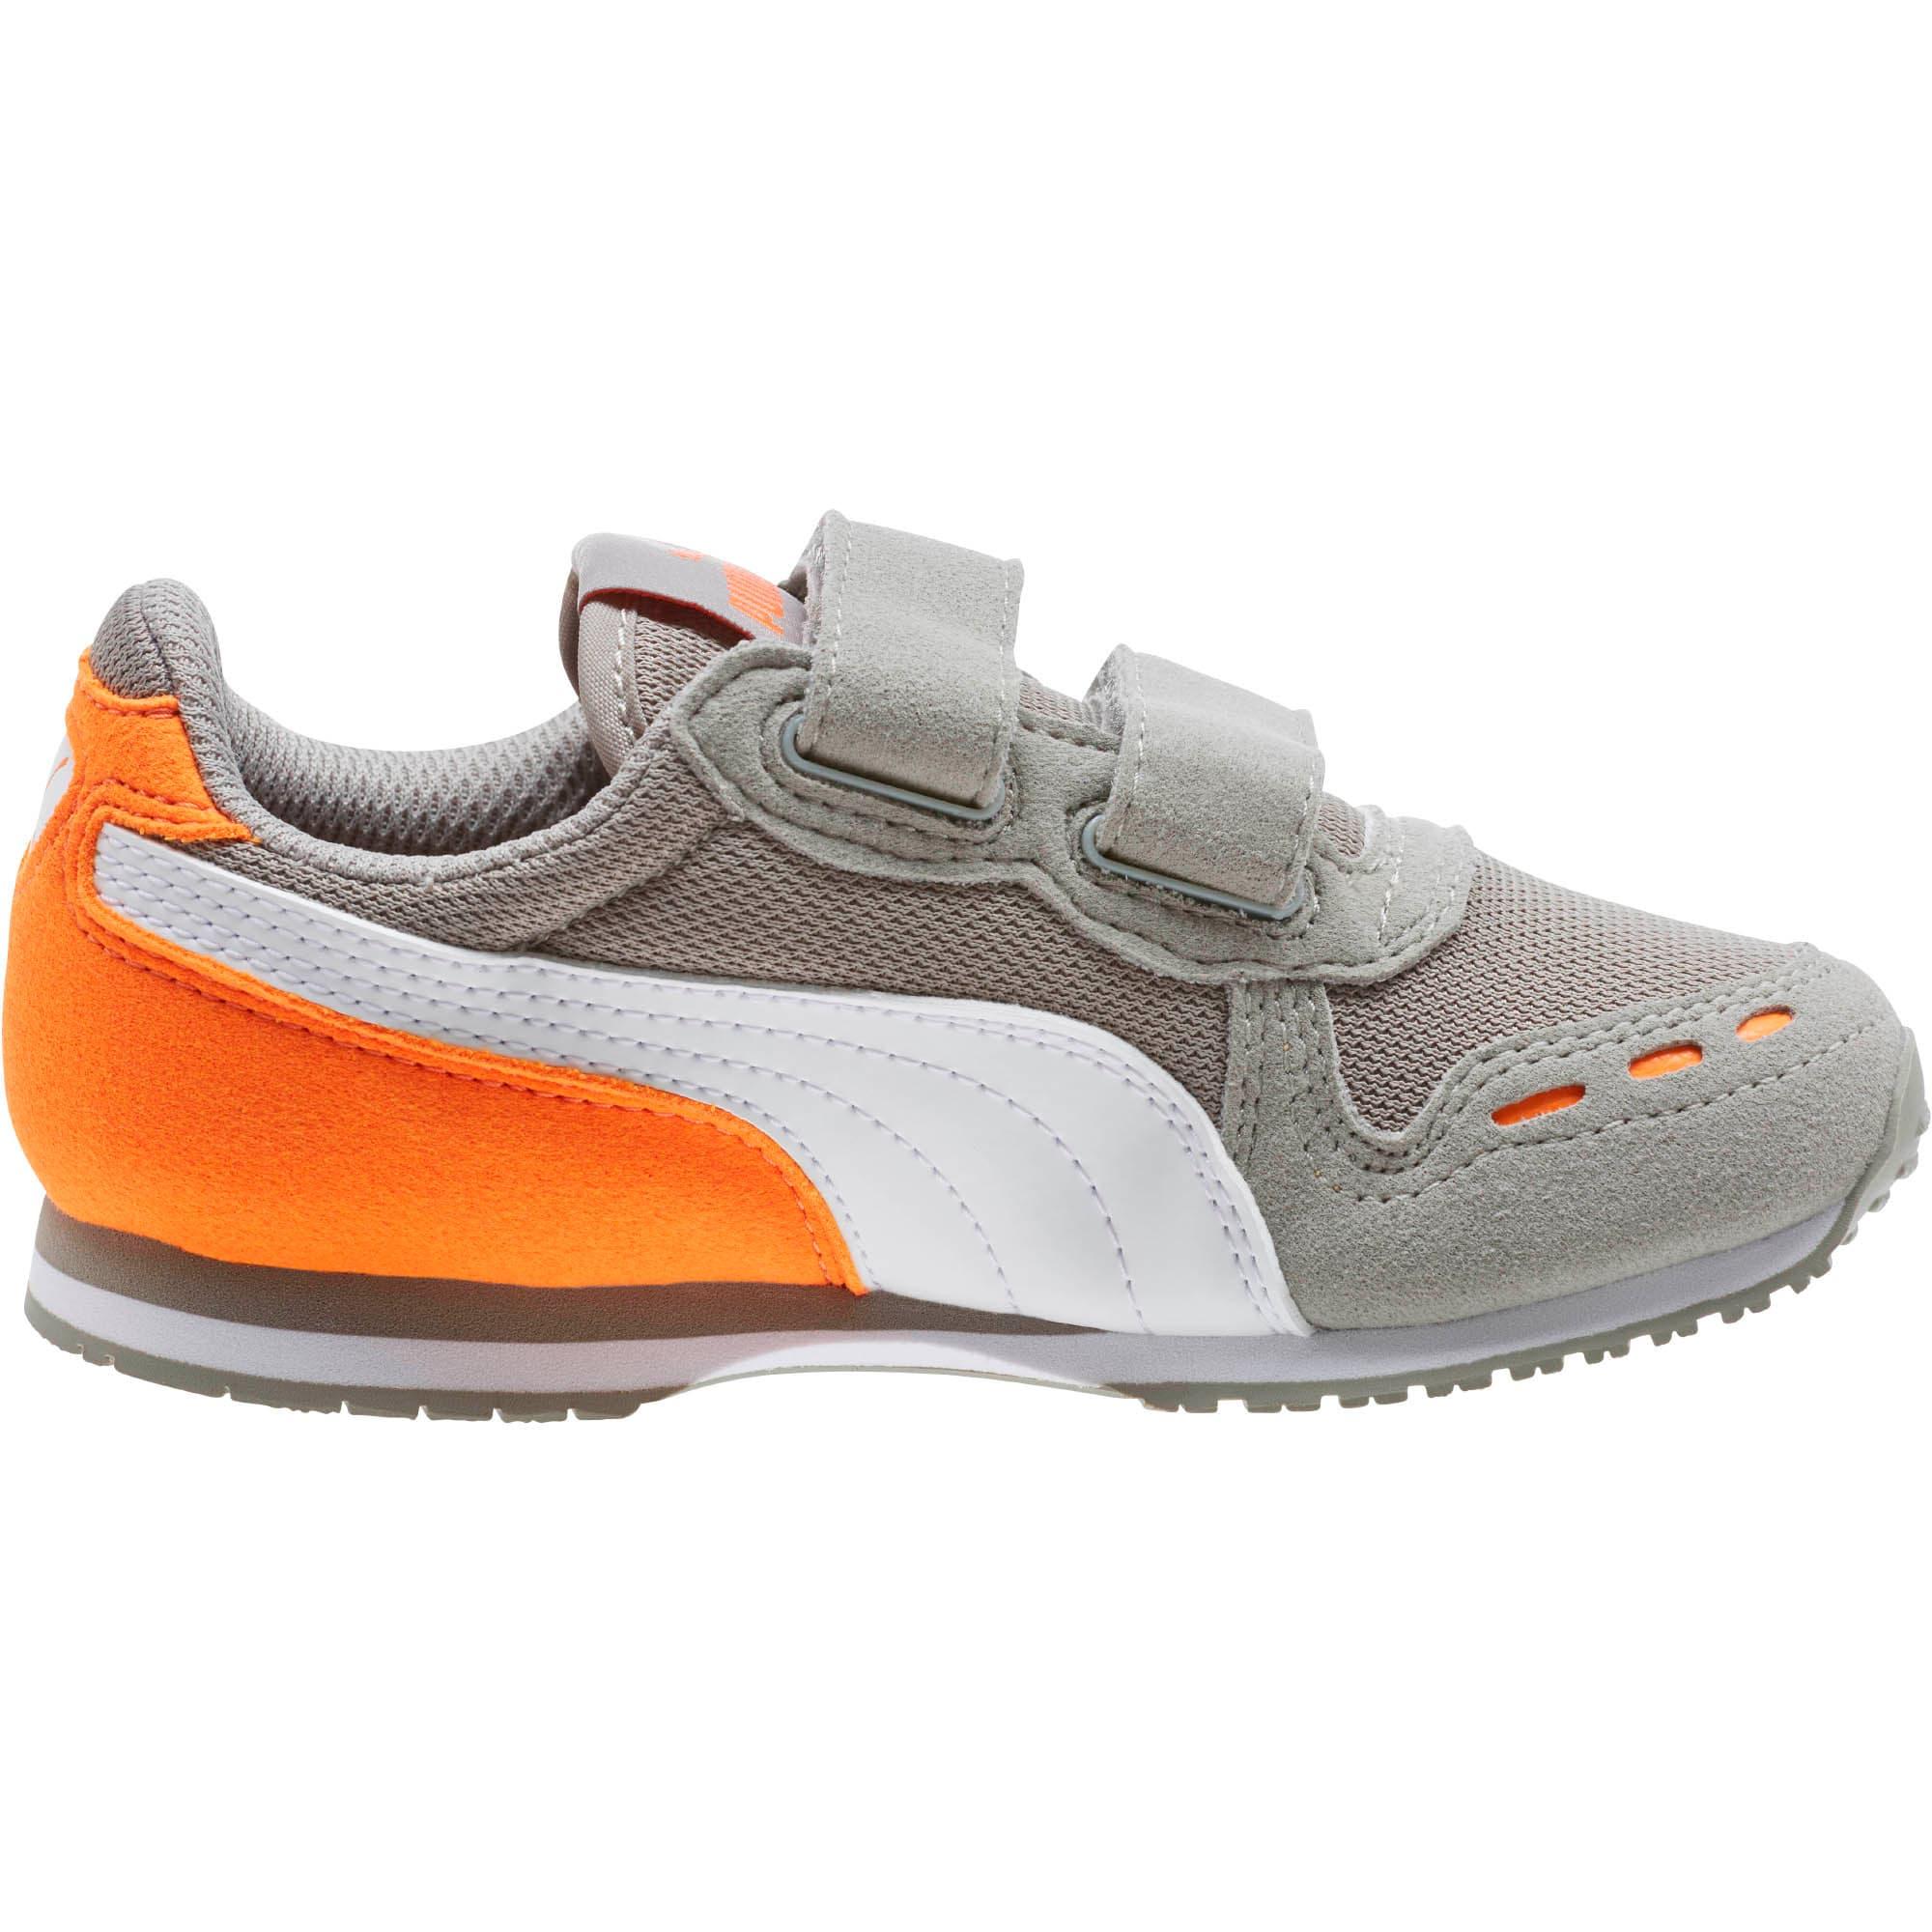 Thumbnail 3 of Cabana Racer Mesh AC Little Kids' Shoes, Rock Ridge-White-Vibrant, medium